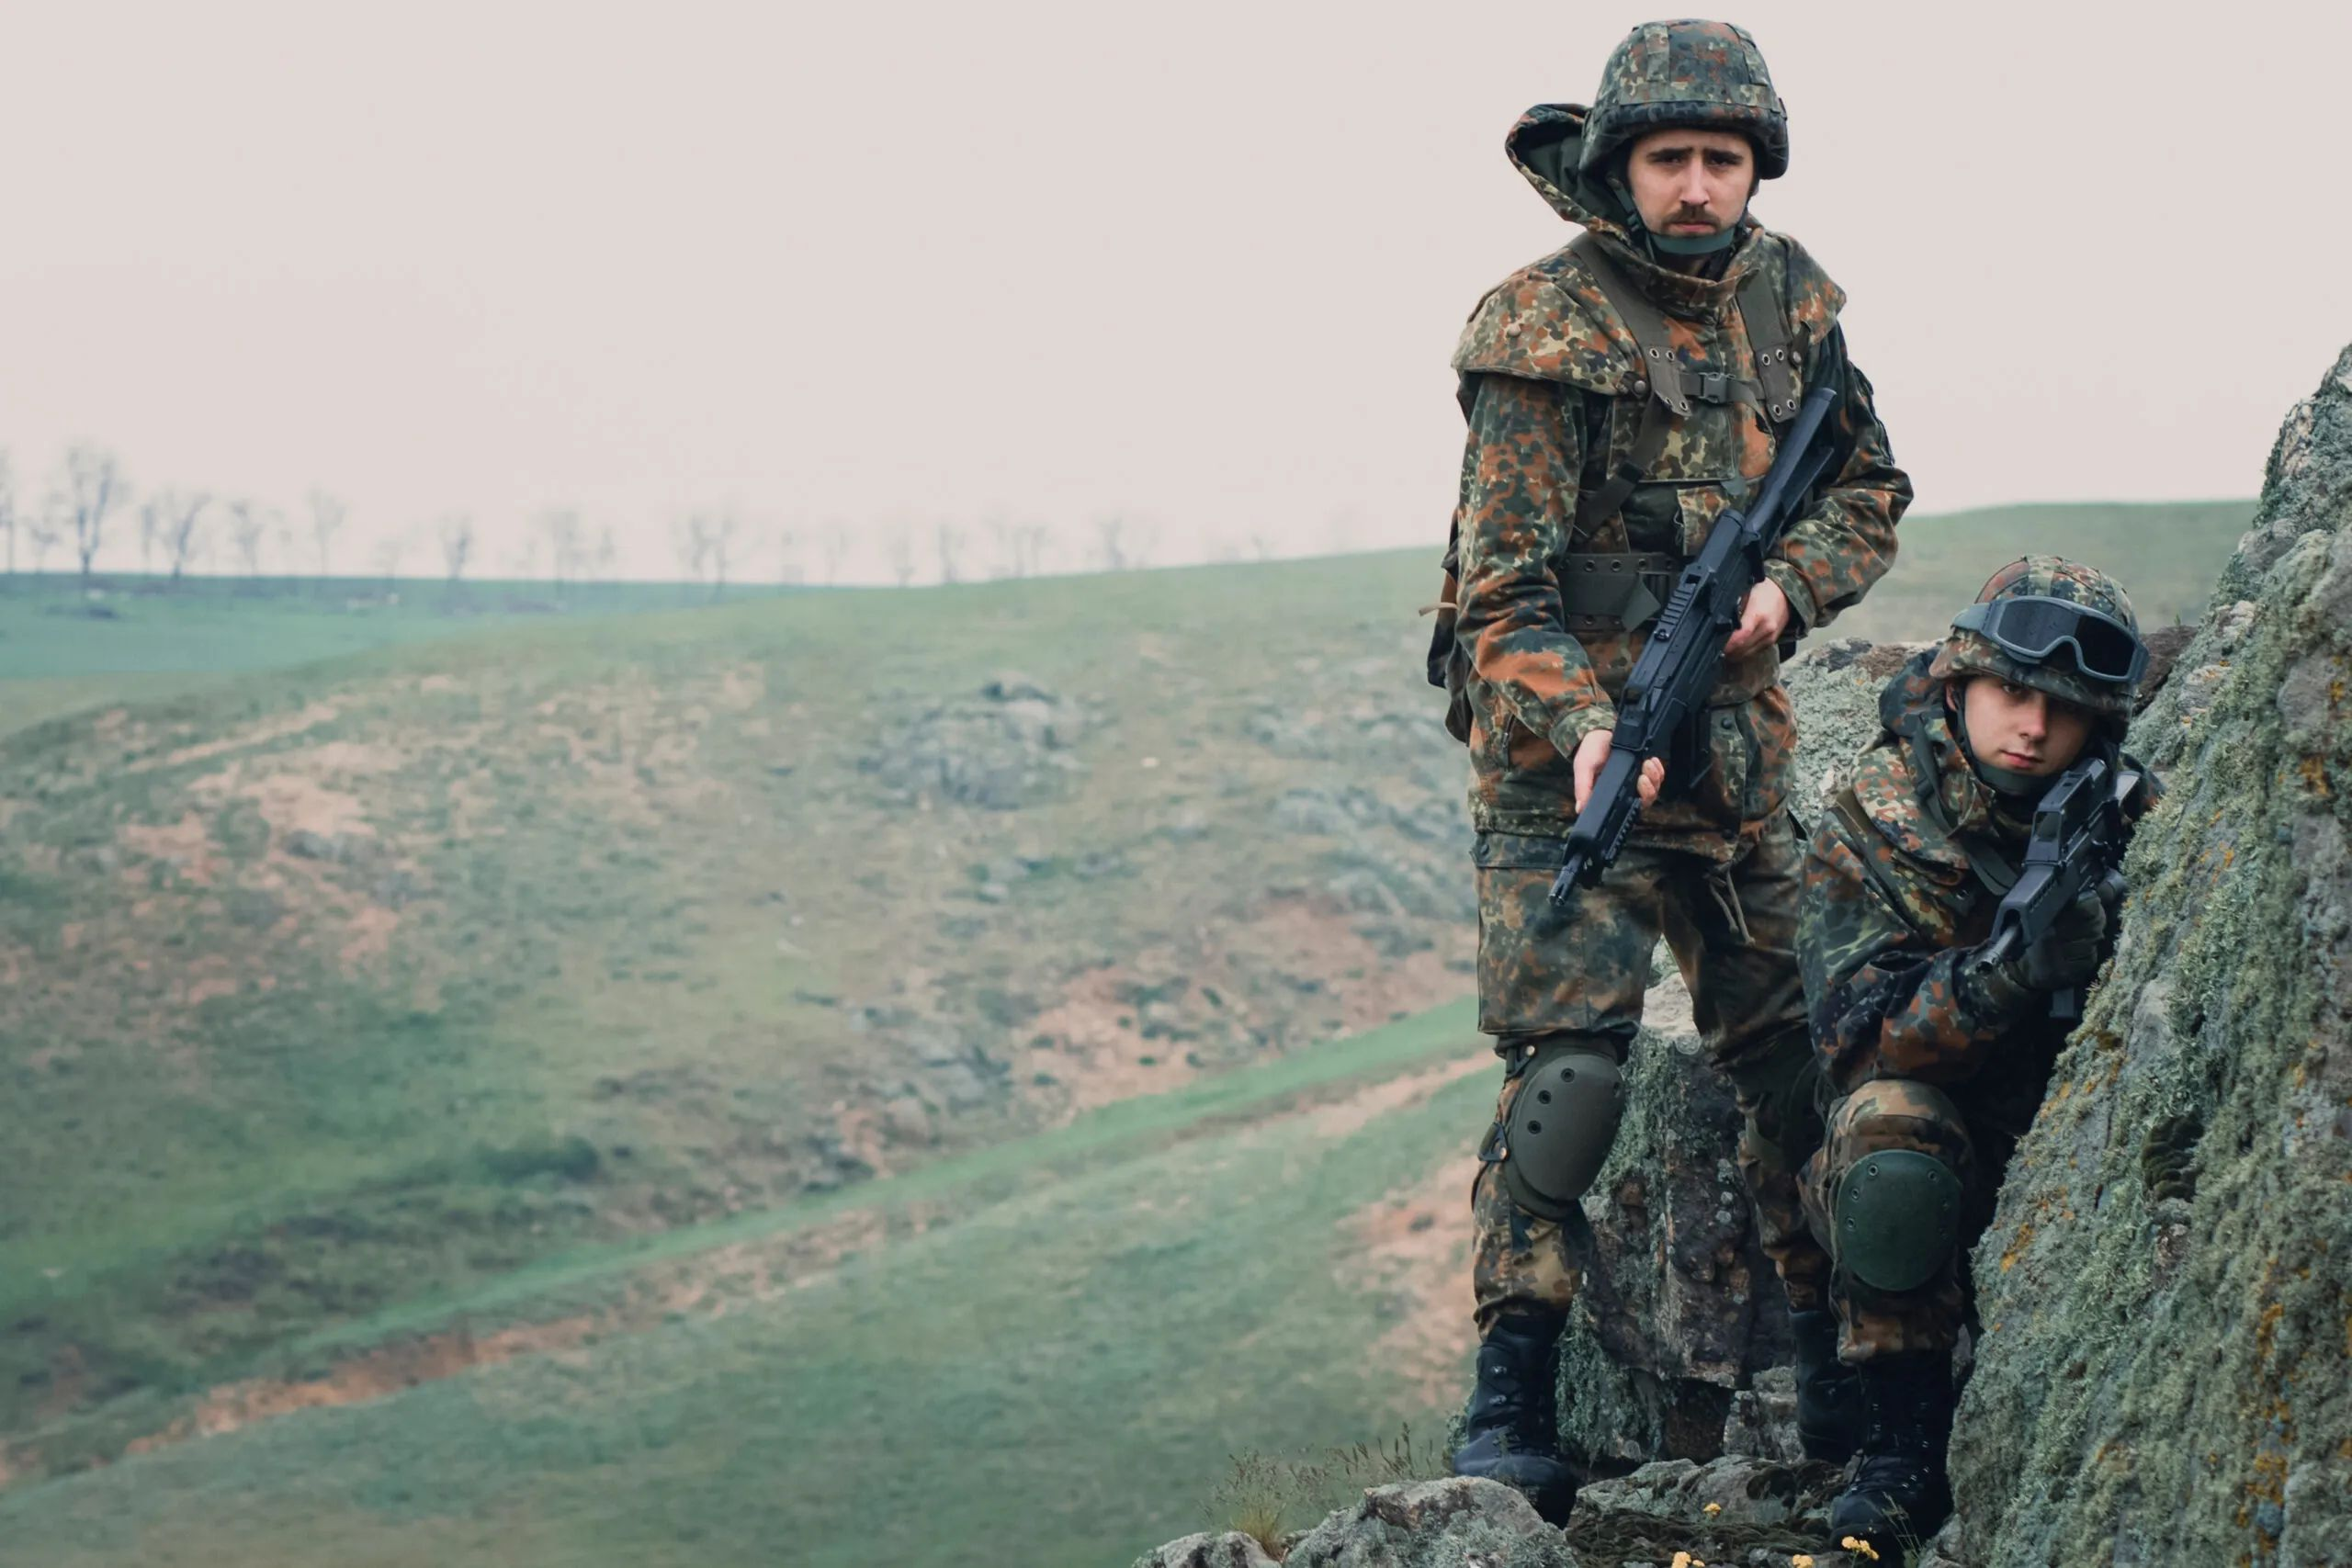 Посилення захисту від ворога без оголошення війни: Рада удосконалила систему територіальної оборони